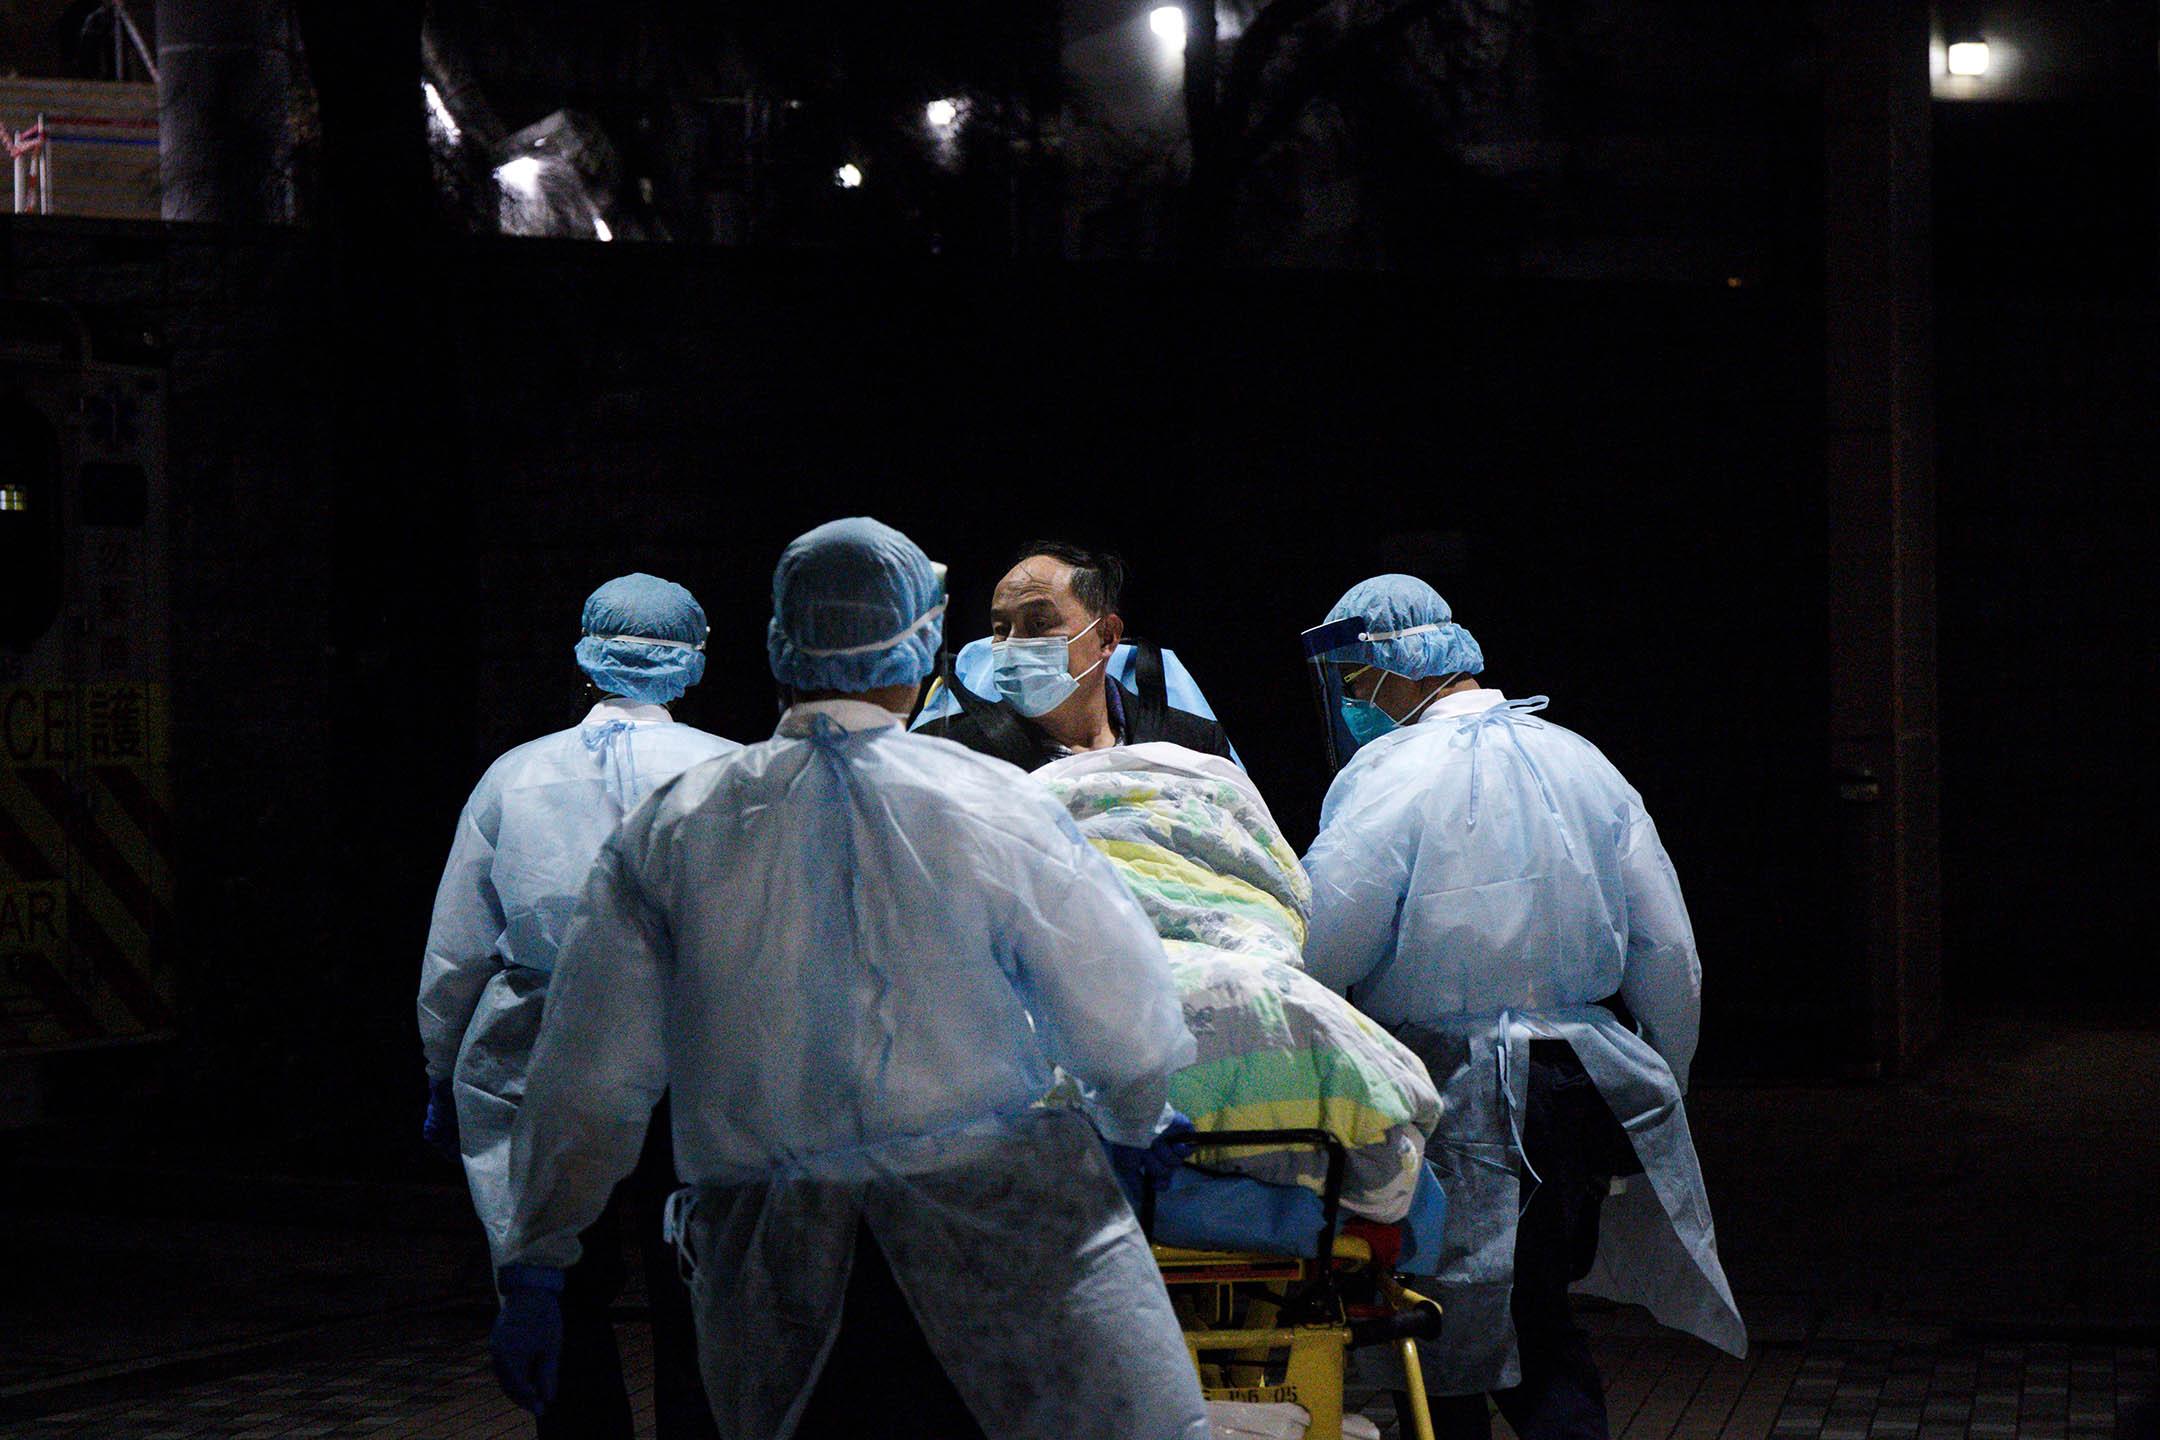 2020年1月22日,香港威爾斯醫院一名病人對新冠狀病毒初步呈陽性反應。 攝:陳焯煇/端傳媒